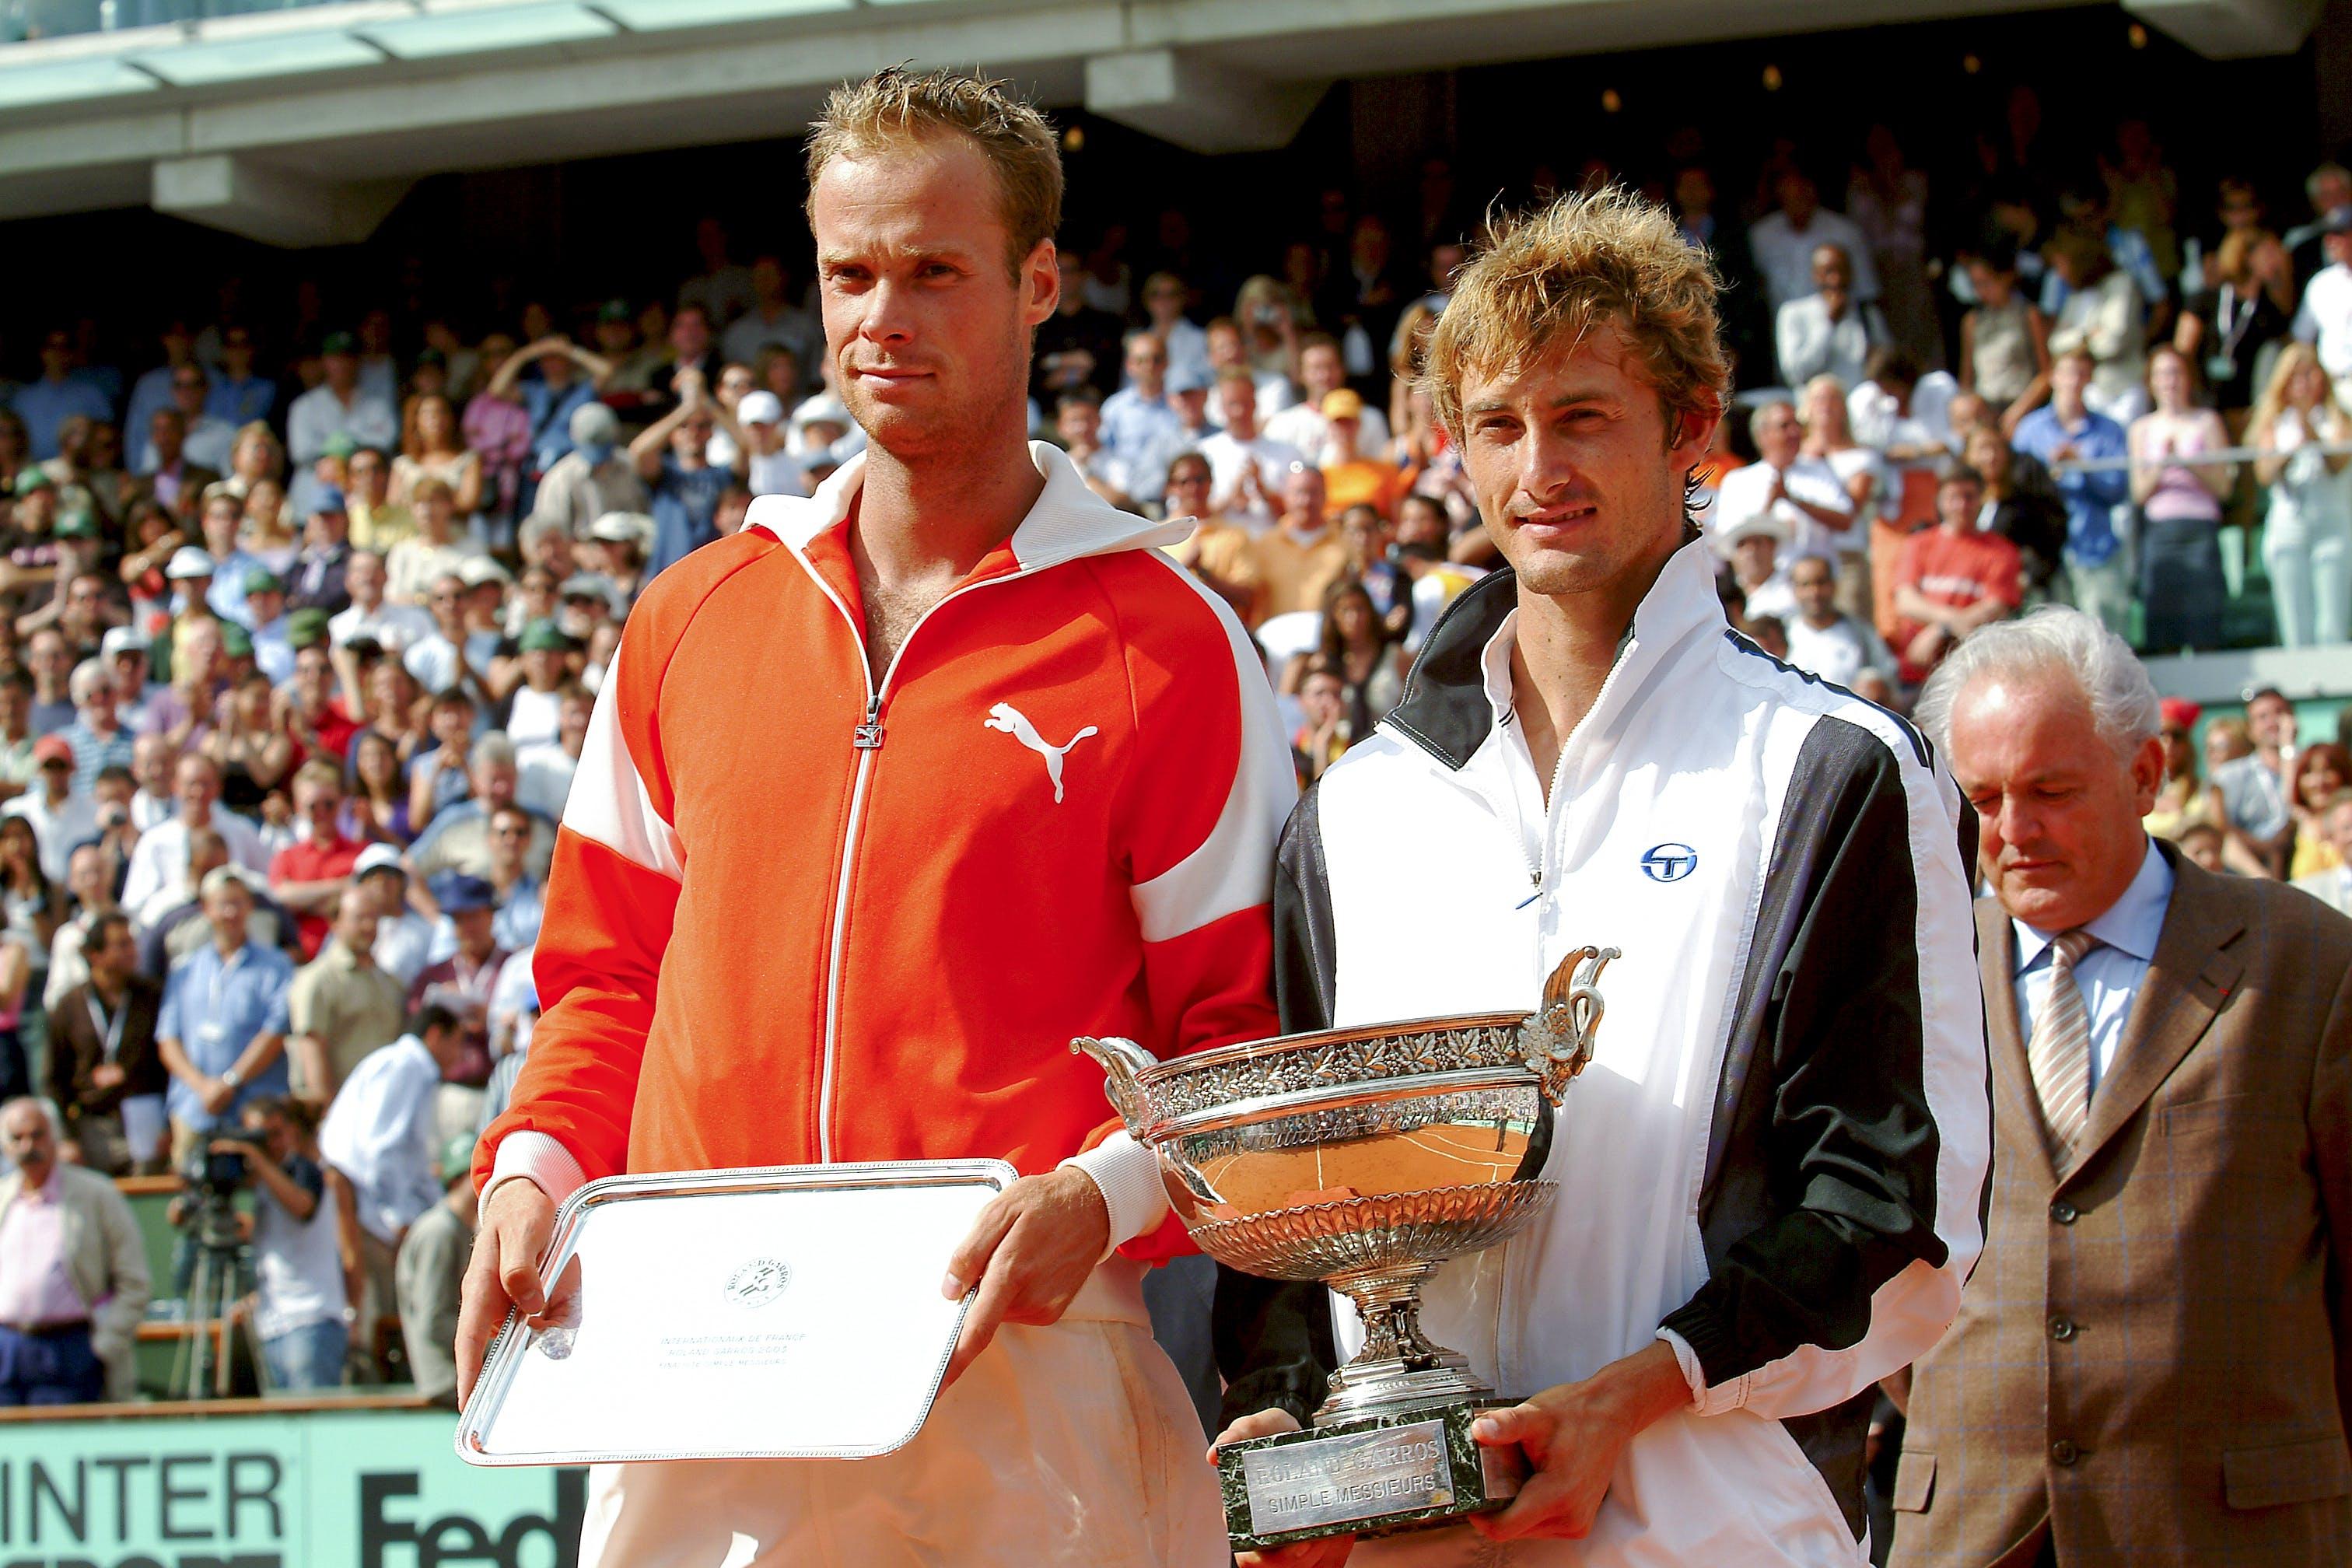 Juan Carlos Ferrero Martin Verkerk Roland-Garros 2003